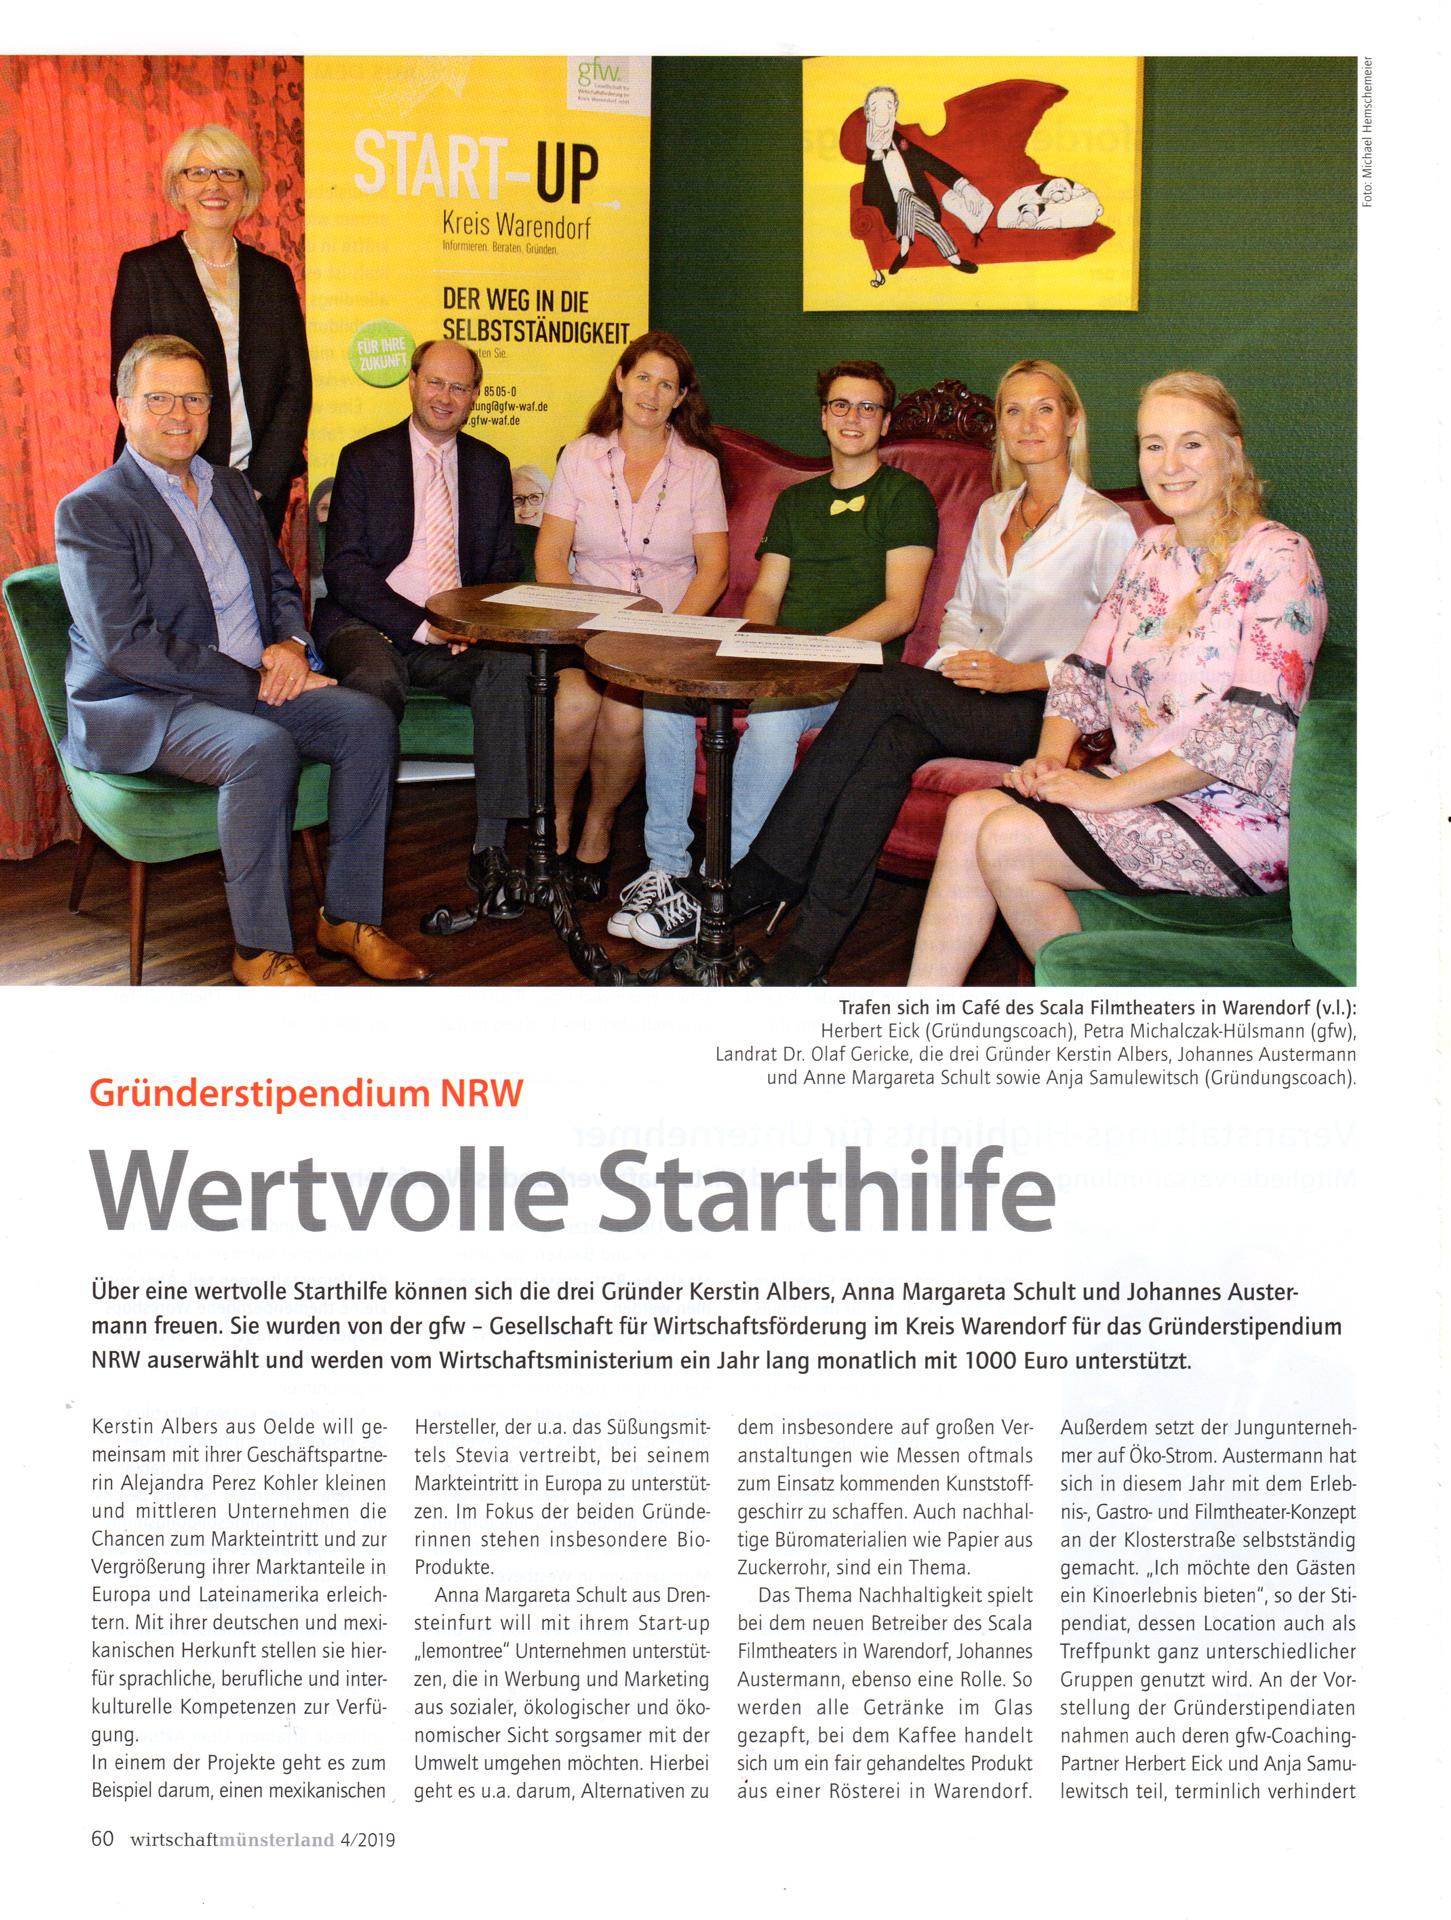 Artikel aus der Zeitschrift: wirtschaftmünsterland 4/2019